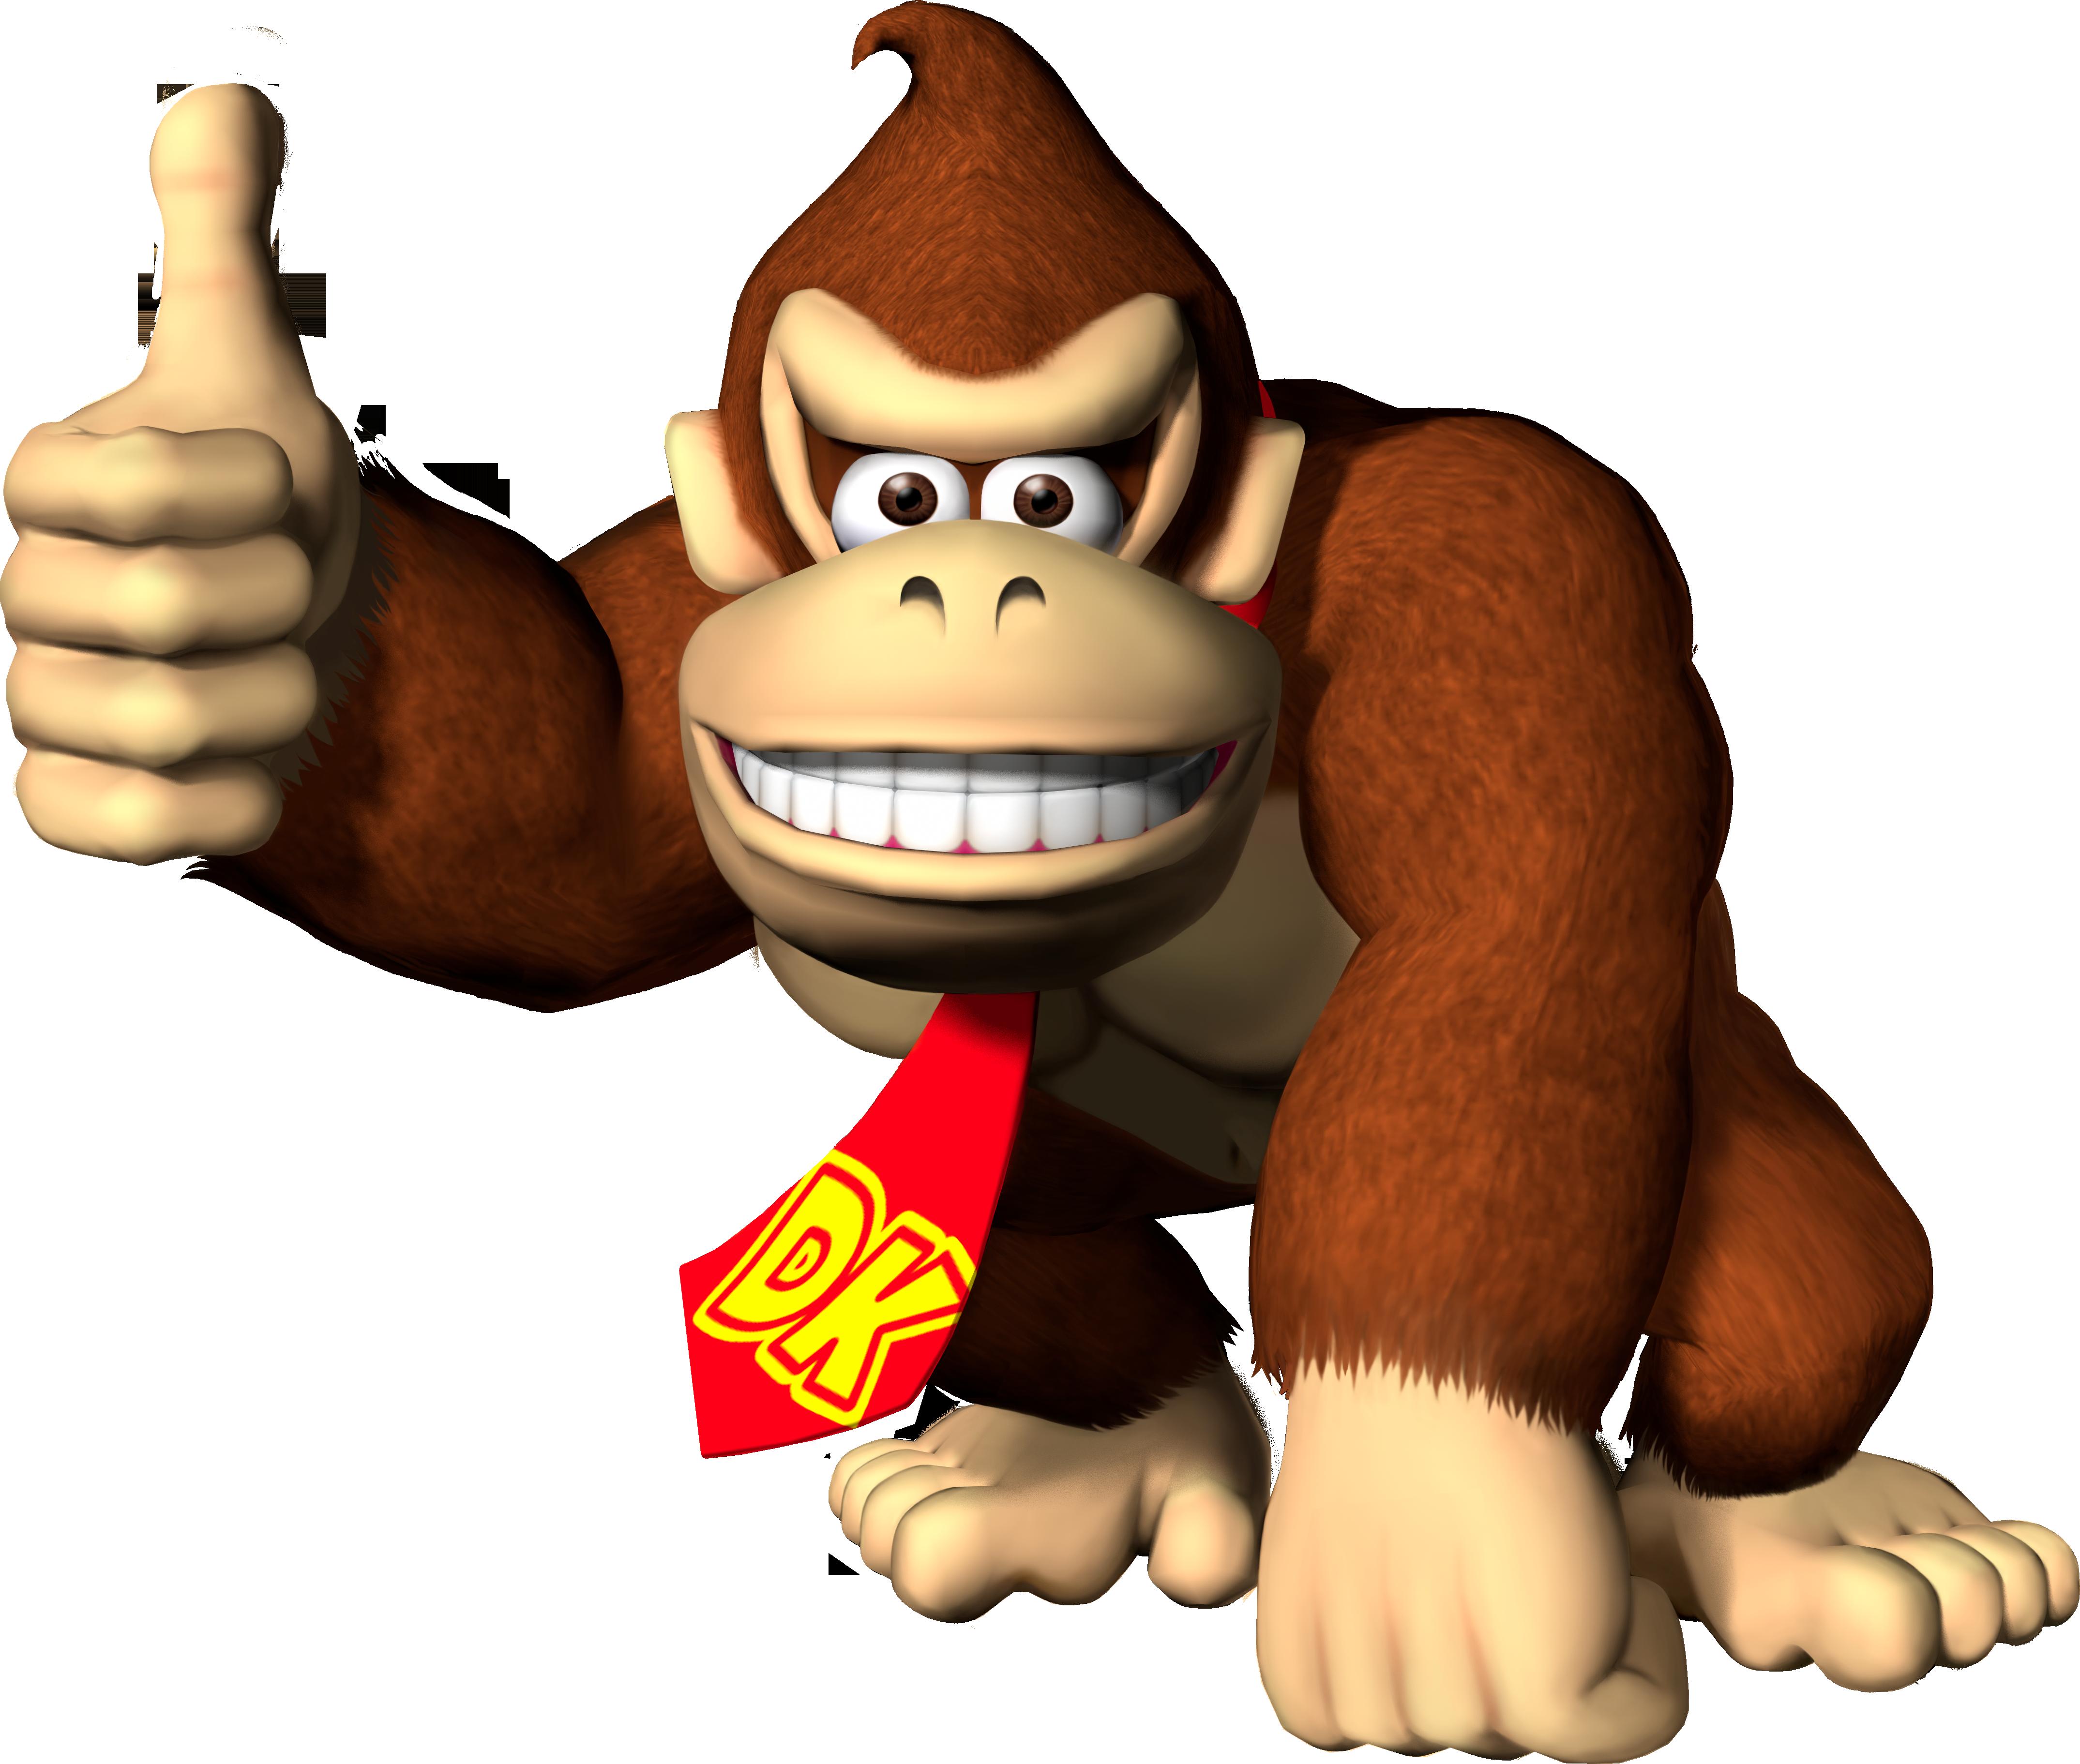 Epingle Par Elena Sur Arcade Donkey Kong Country Returns Mario Image De Naruto